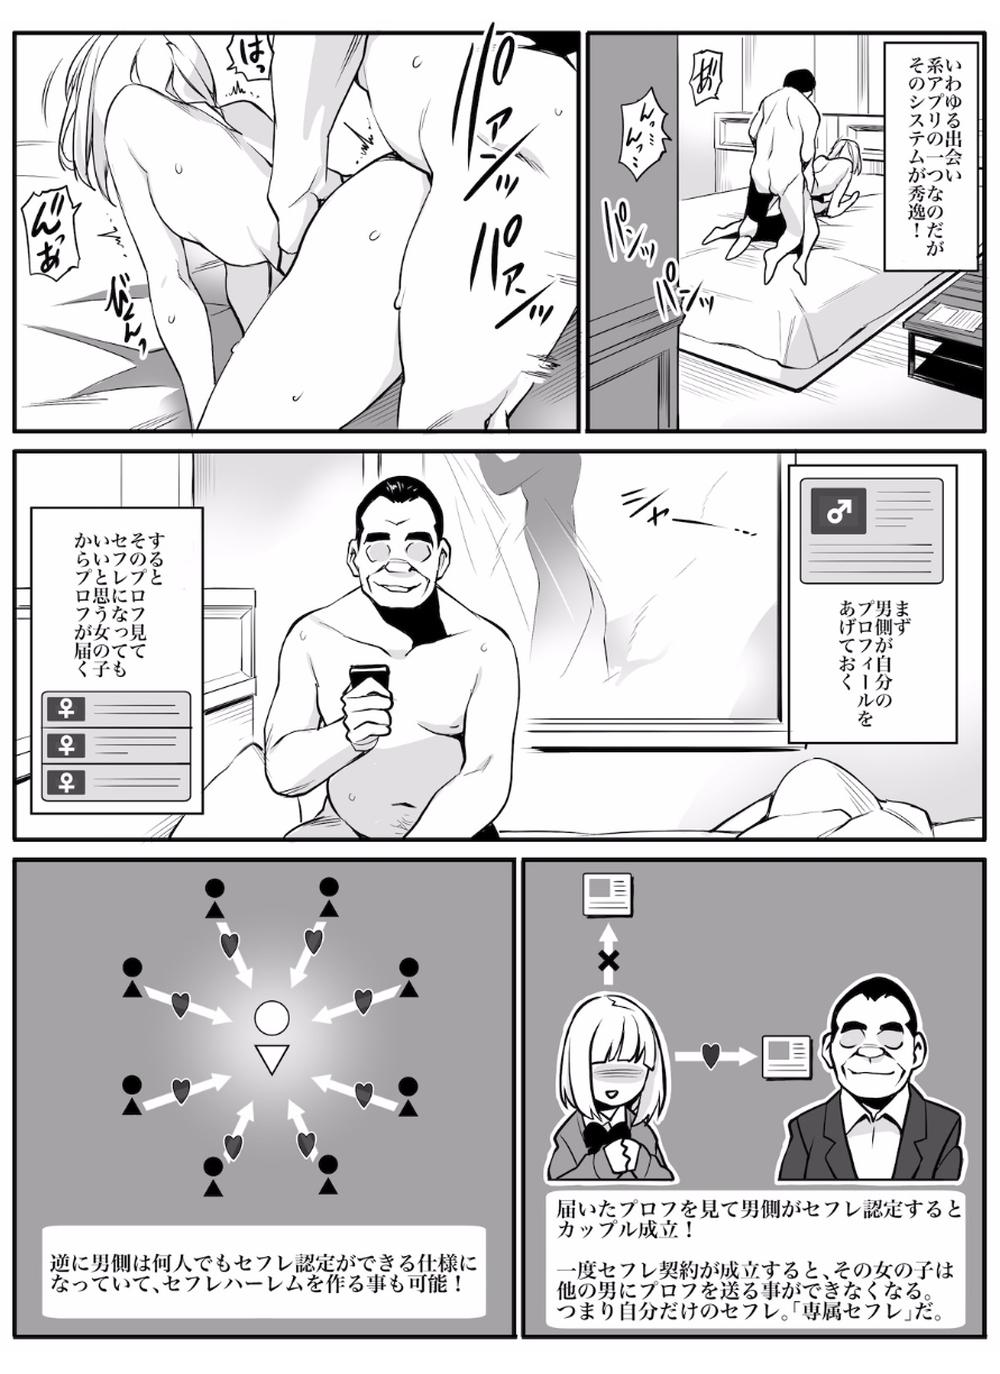 【エロ漫画】専属セフレアプリでOL、人妻、少女とやりたい放題セックスをする中年男w【無料 エロ同人誌】 (3)